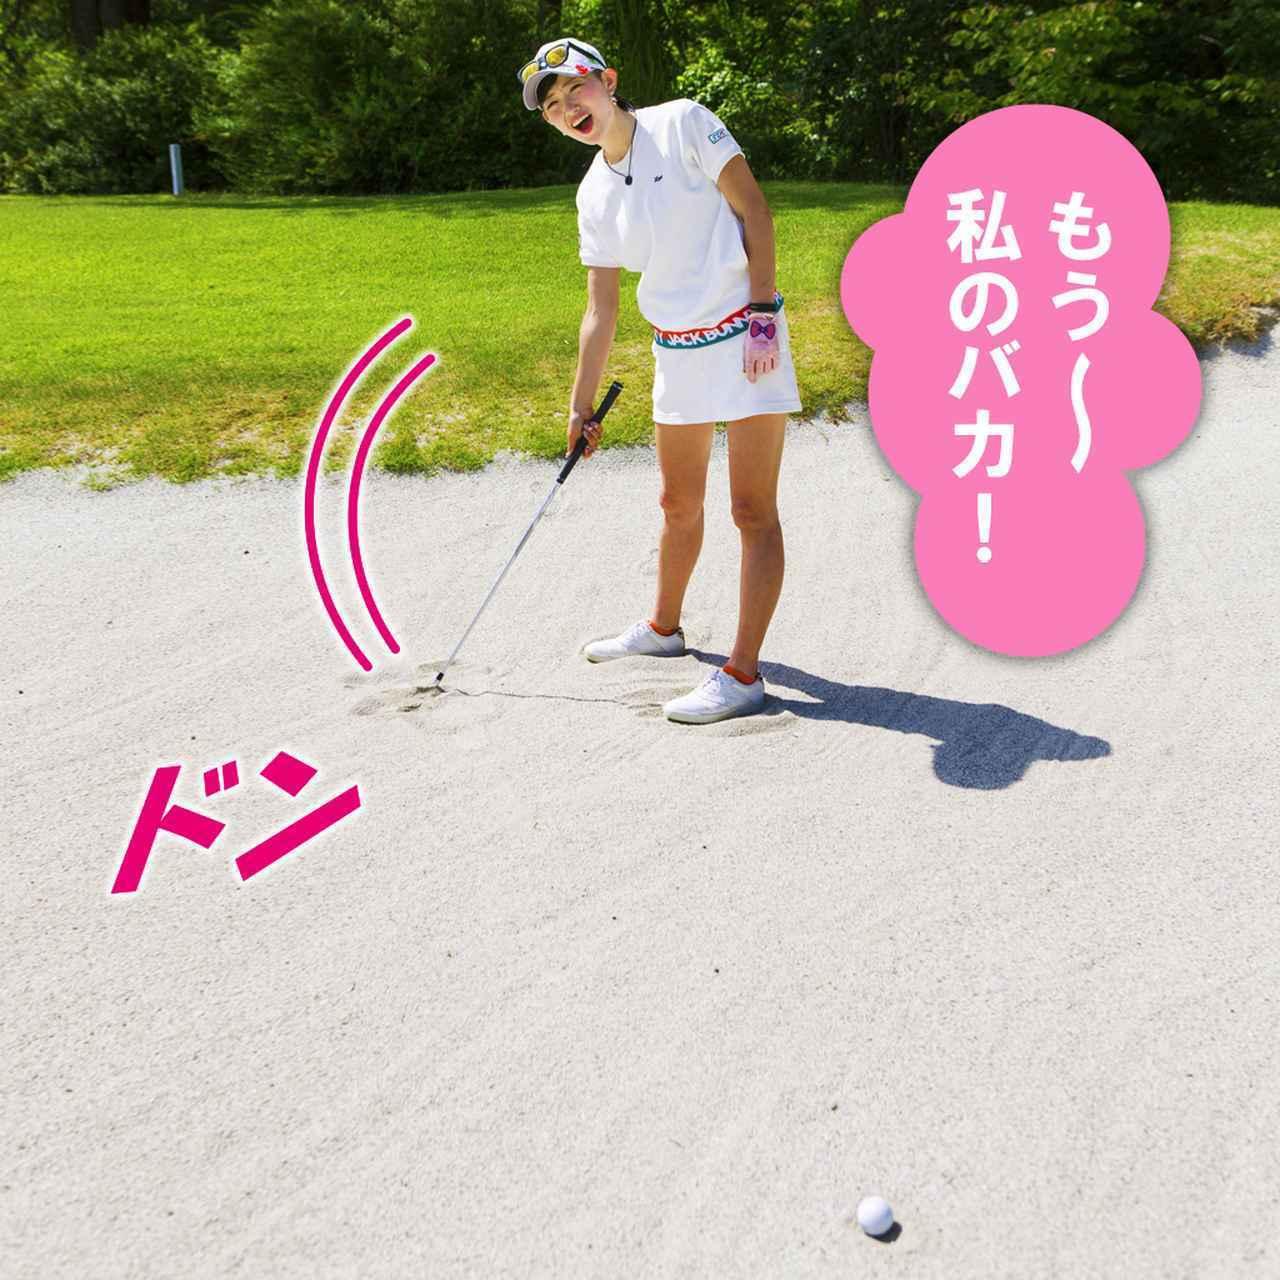 画像: 【新ルール】バンカーで砂を叩いた! それってペナルティ? - ゴルフへ行こうWEB by ゴルフダイジェスト